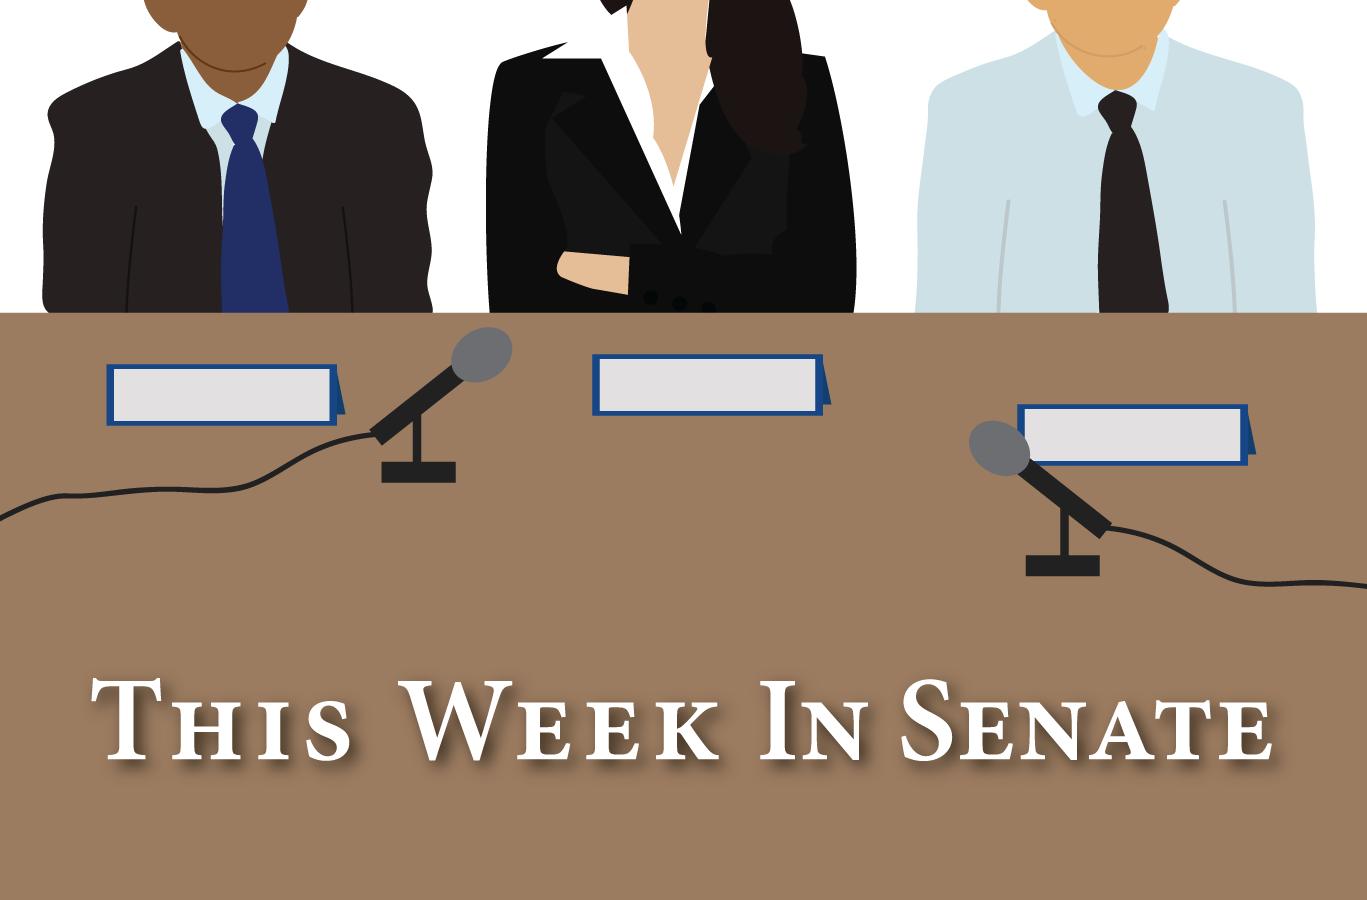 Last week in Senate